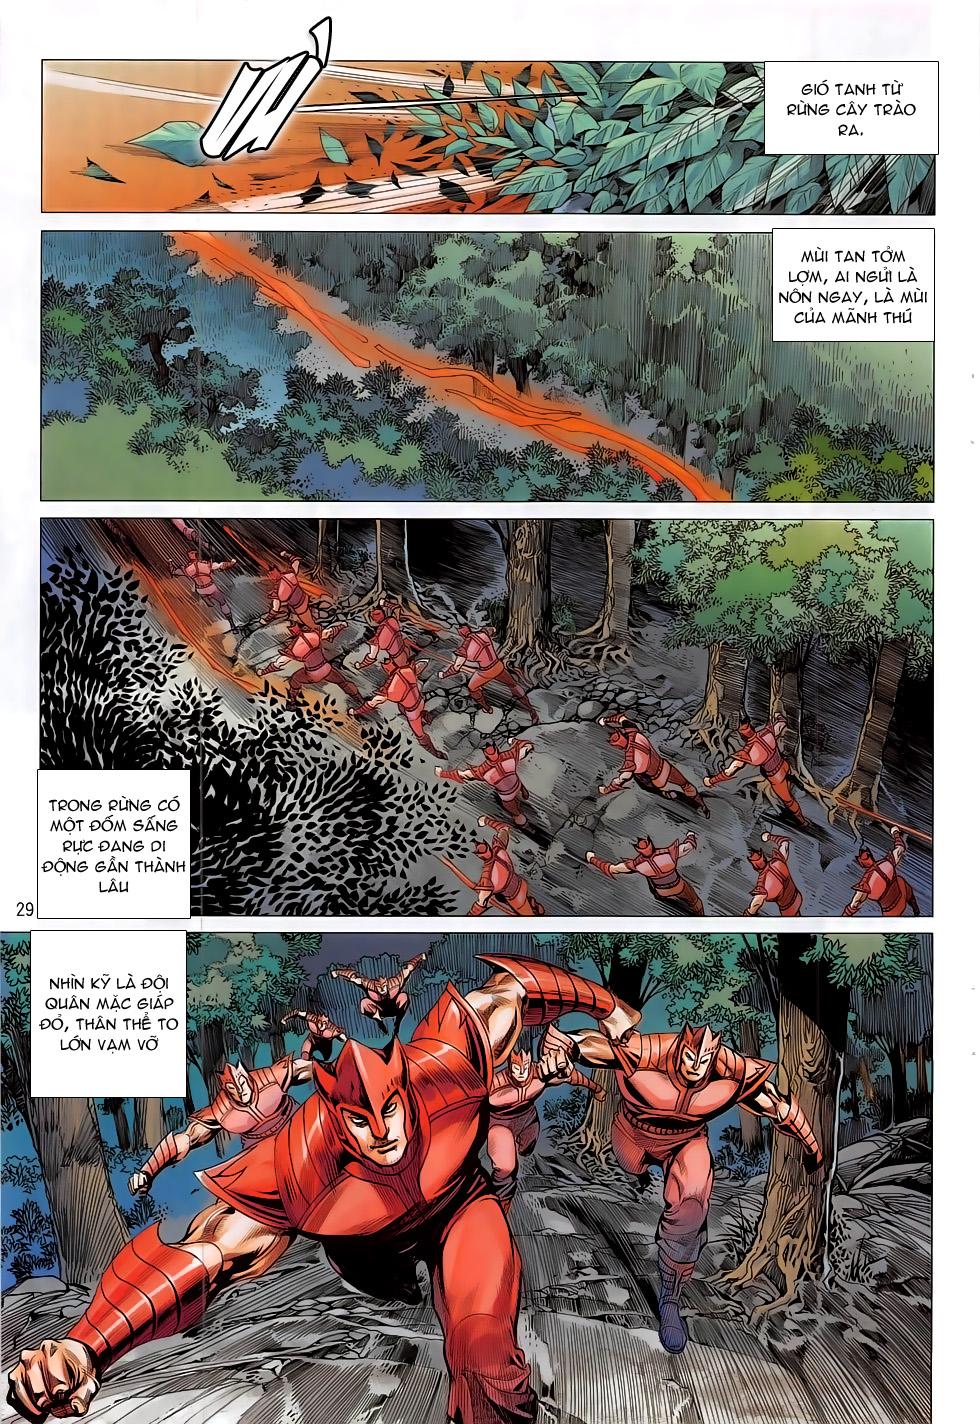 Chiến Phổ chapter 13: trận liệt tại tiền trang 29